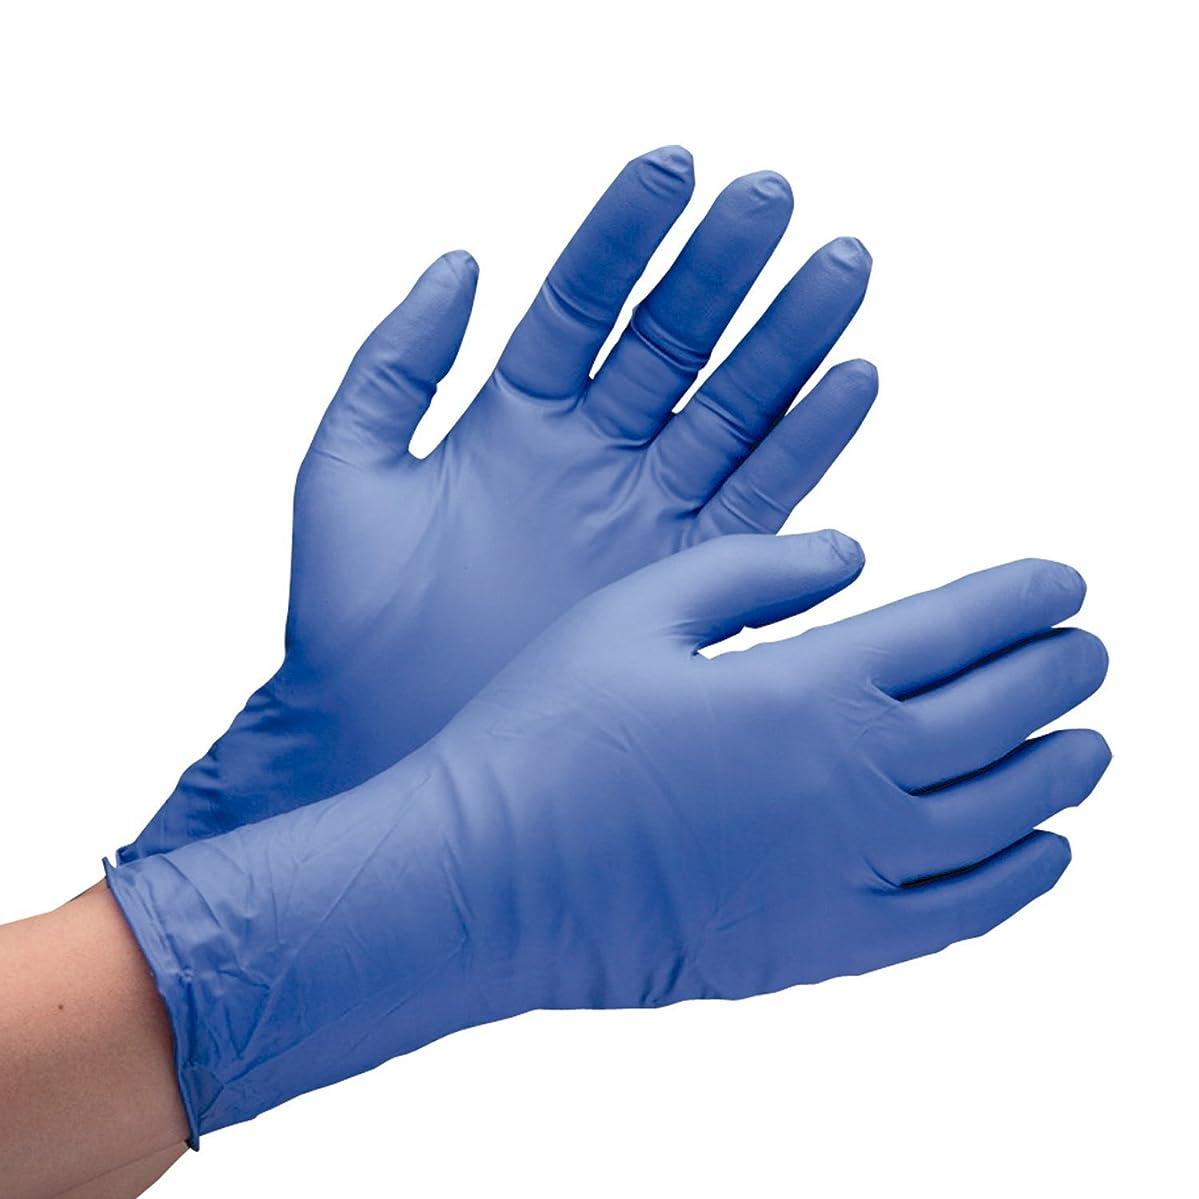 ミドリ安全 ニトリル手袋 ベルテ701H 厚手タイプ 粉なし ブルー M (100枚入)